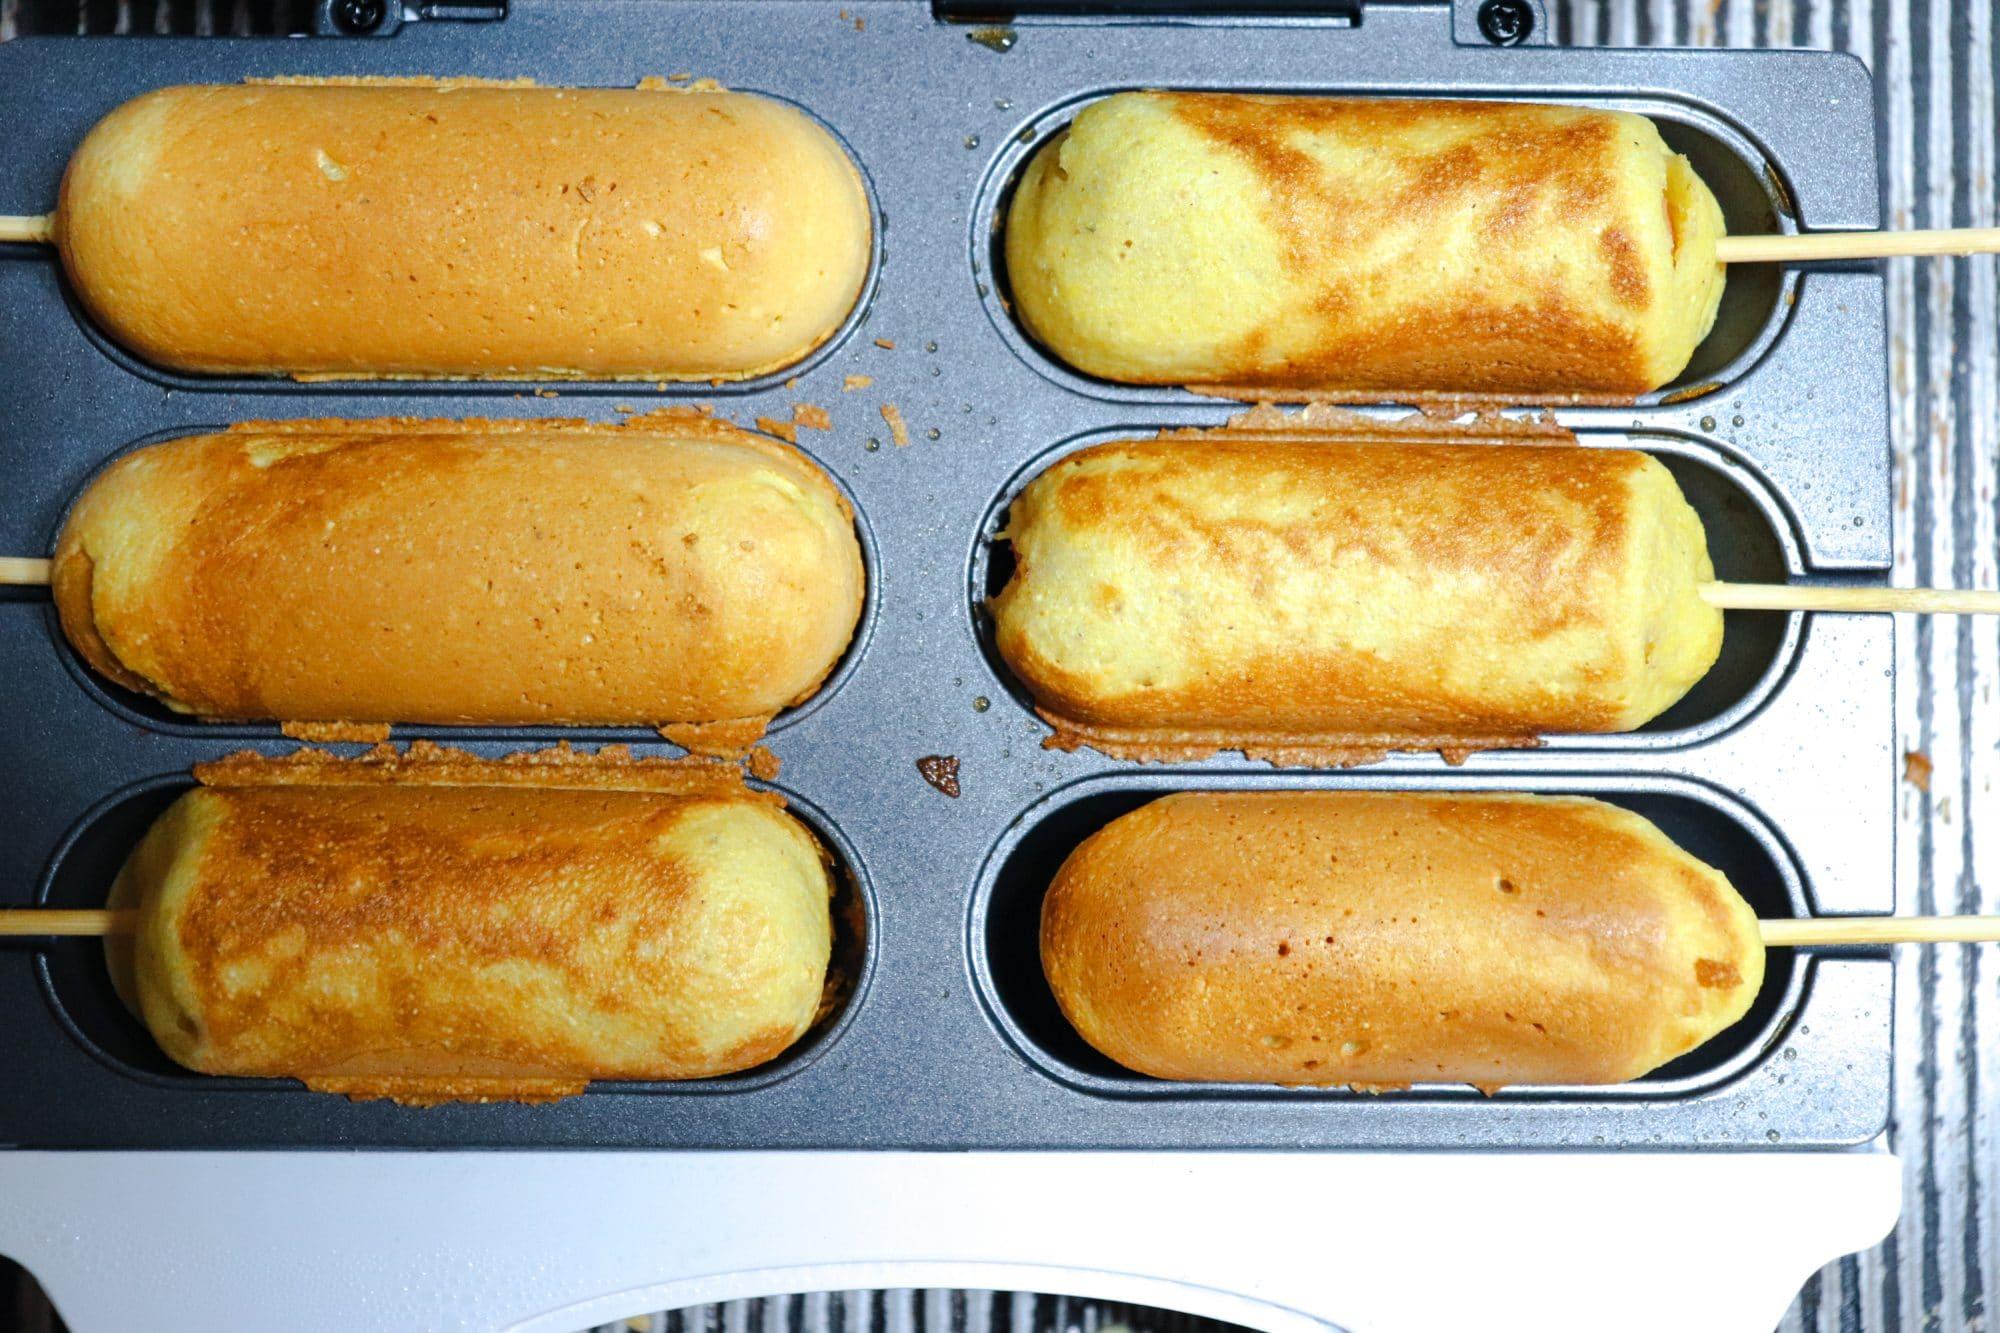 corn dogs in pan